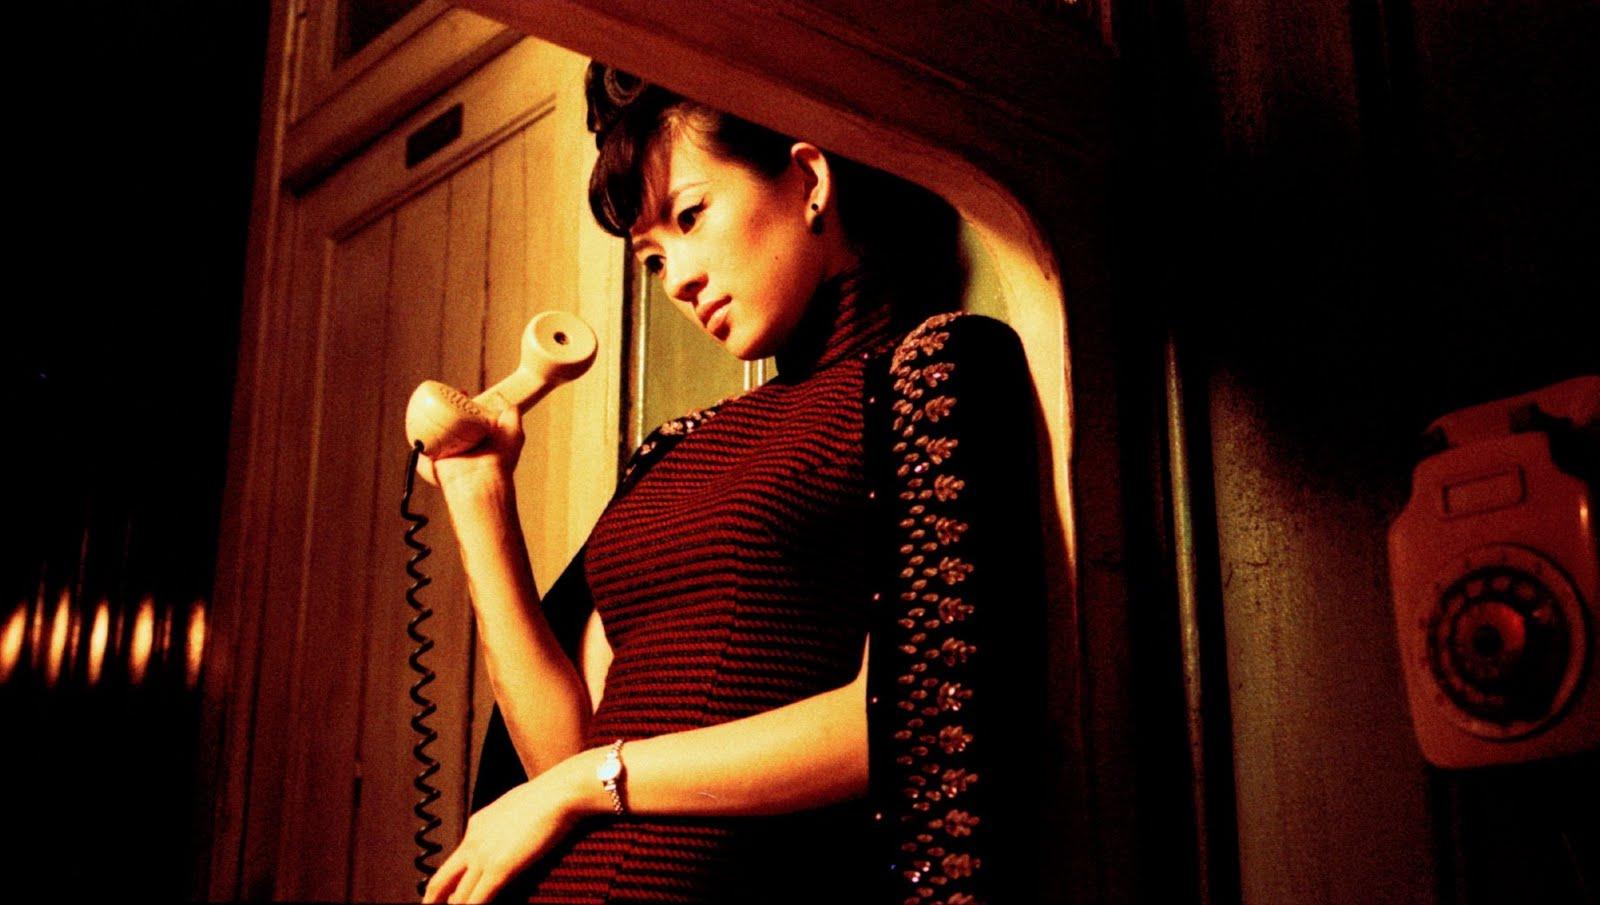 http://2.bp.blogspot.com/-4UYdjc-esLA/TcAQGkR2wZI/AAAAAAAABk8/TYouRXgaAKo/s1600/2046-005.jpg